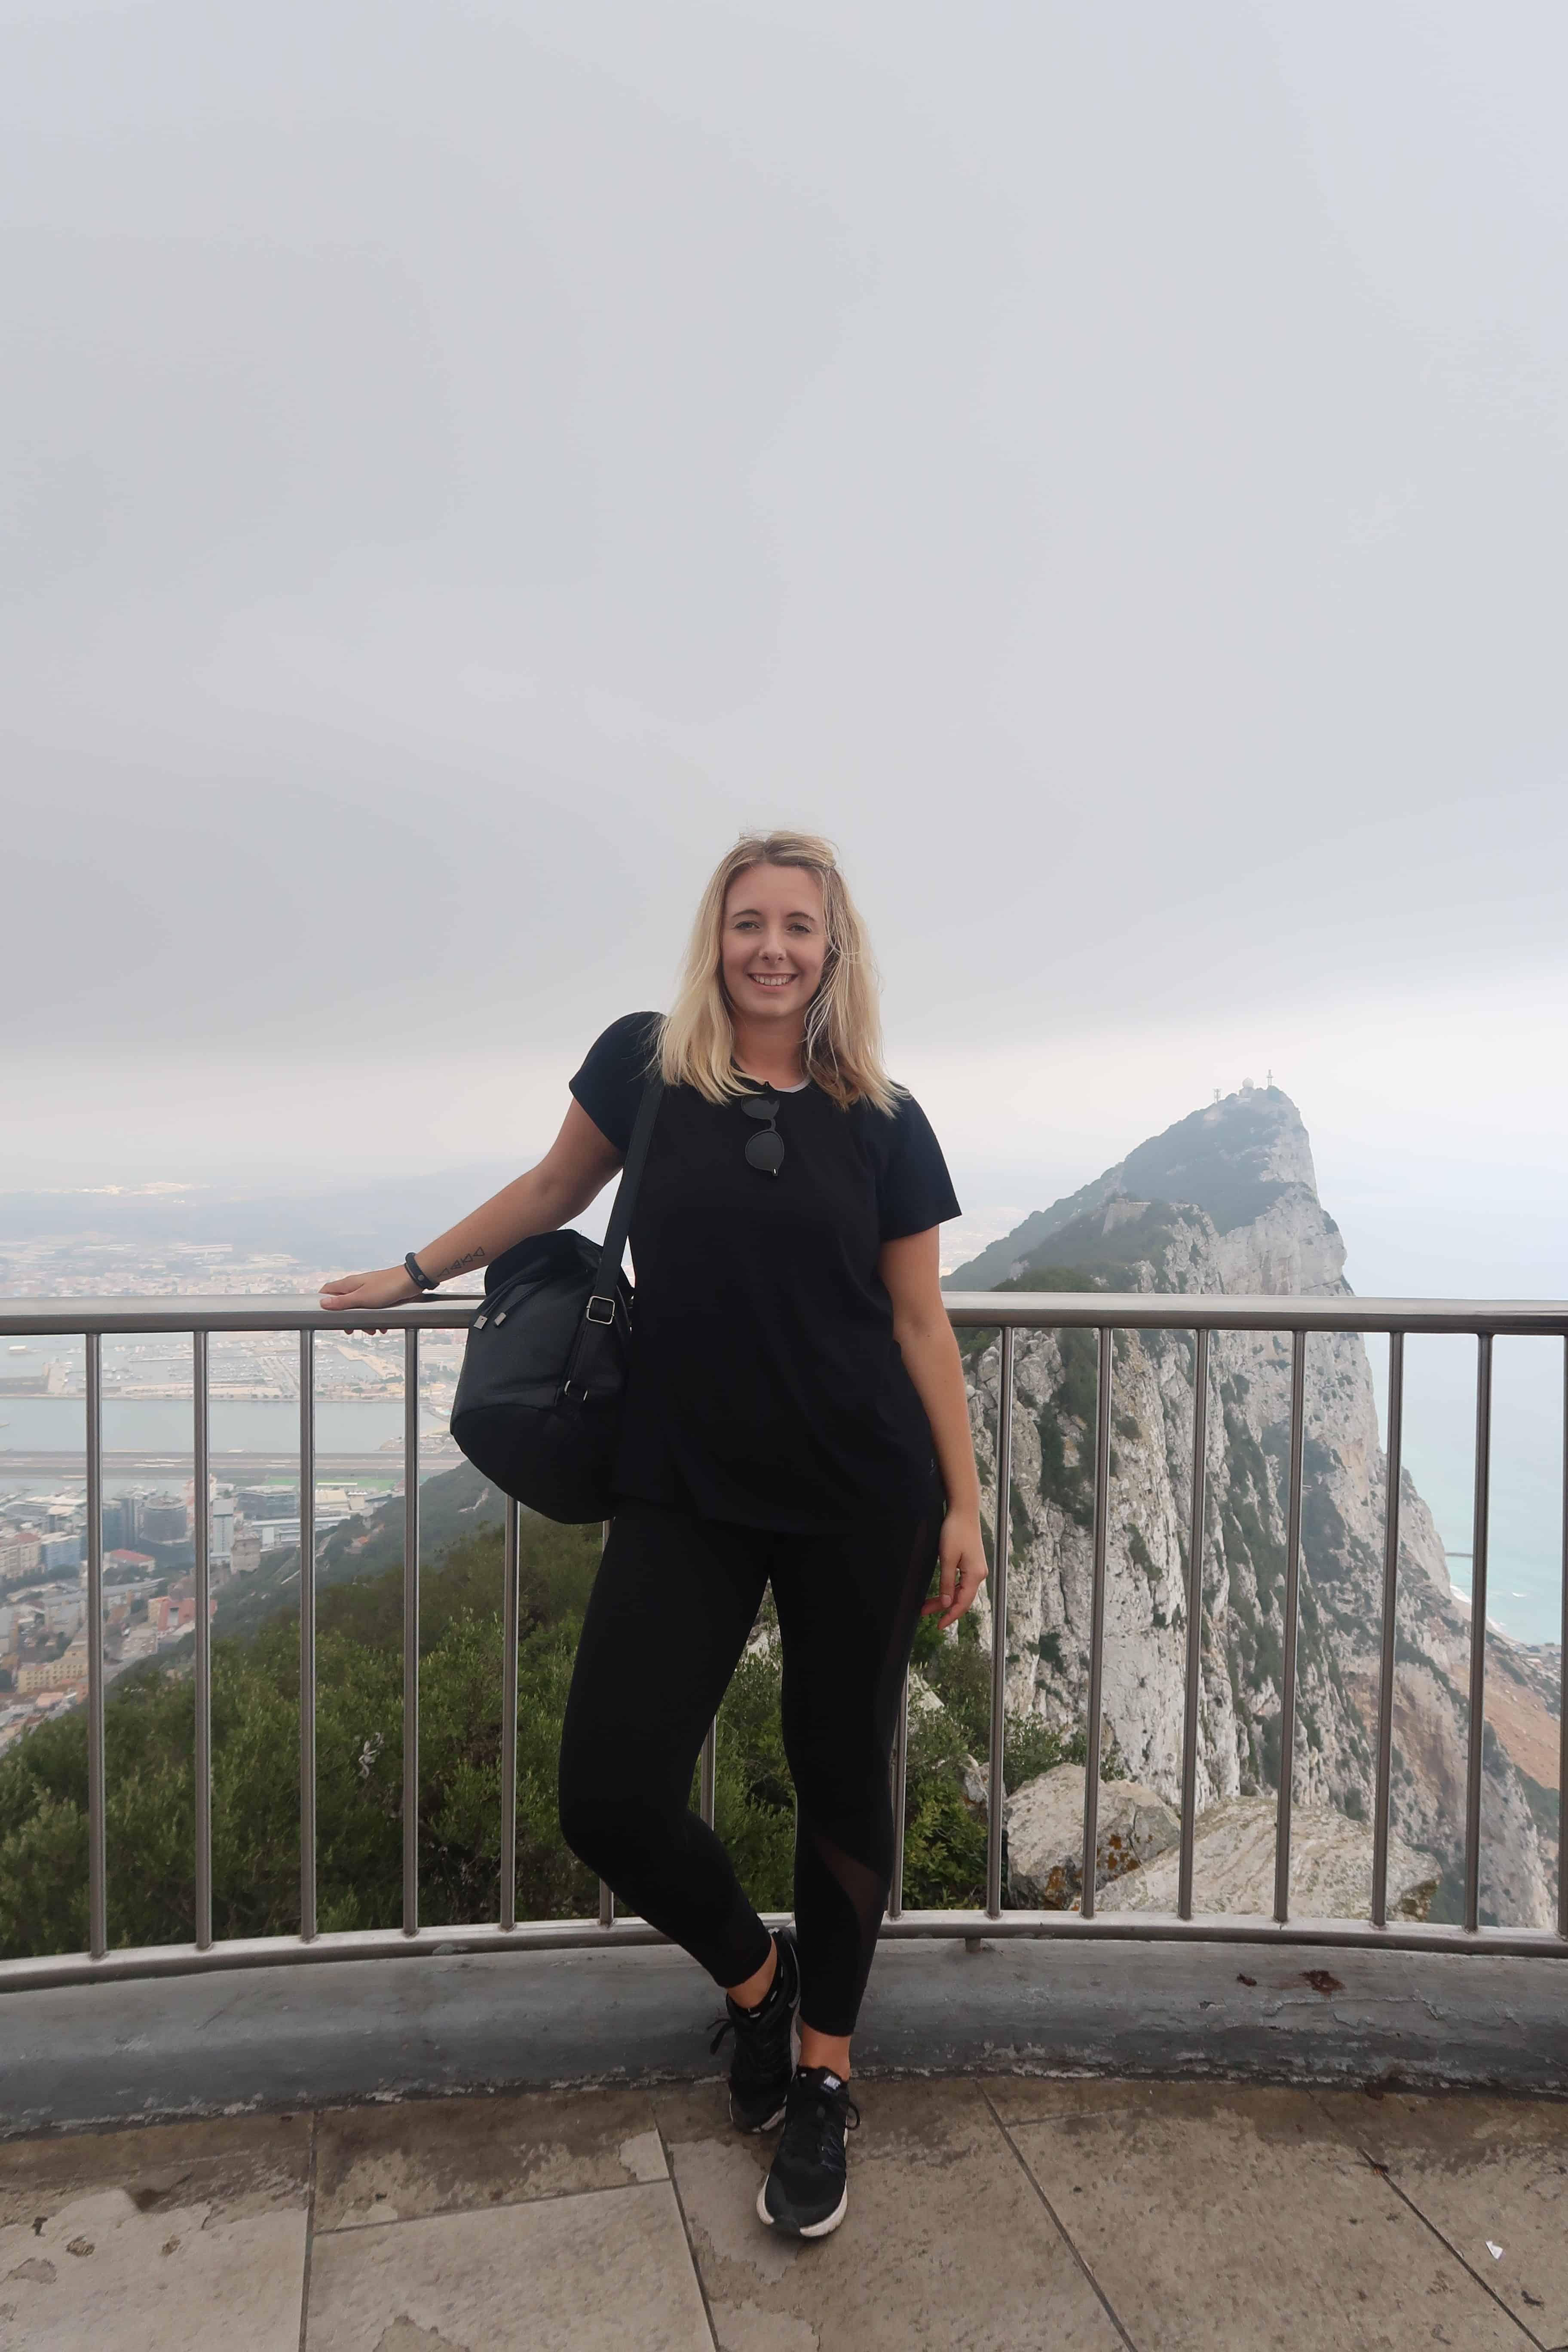 Mediterranean steps in Gibraltar